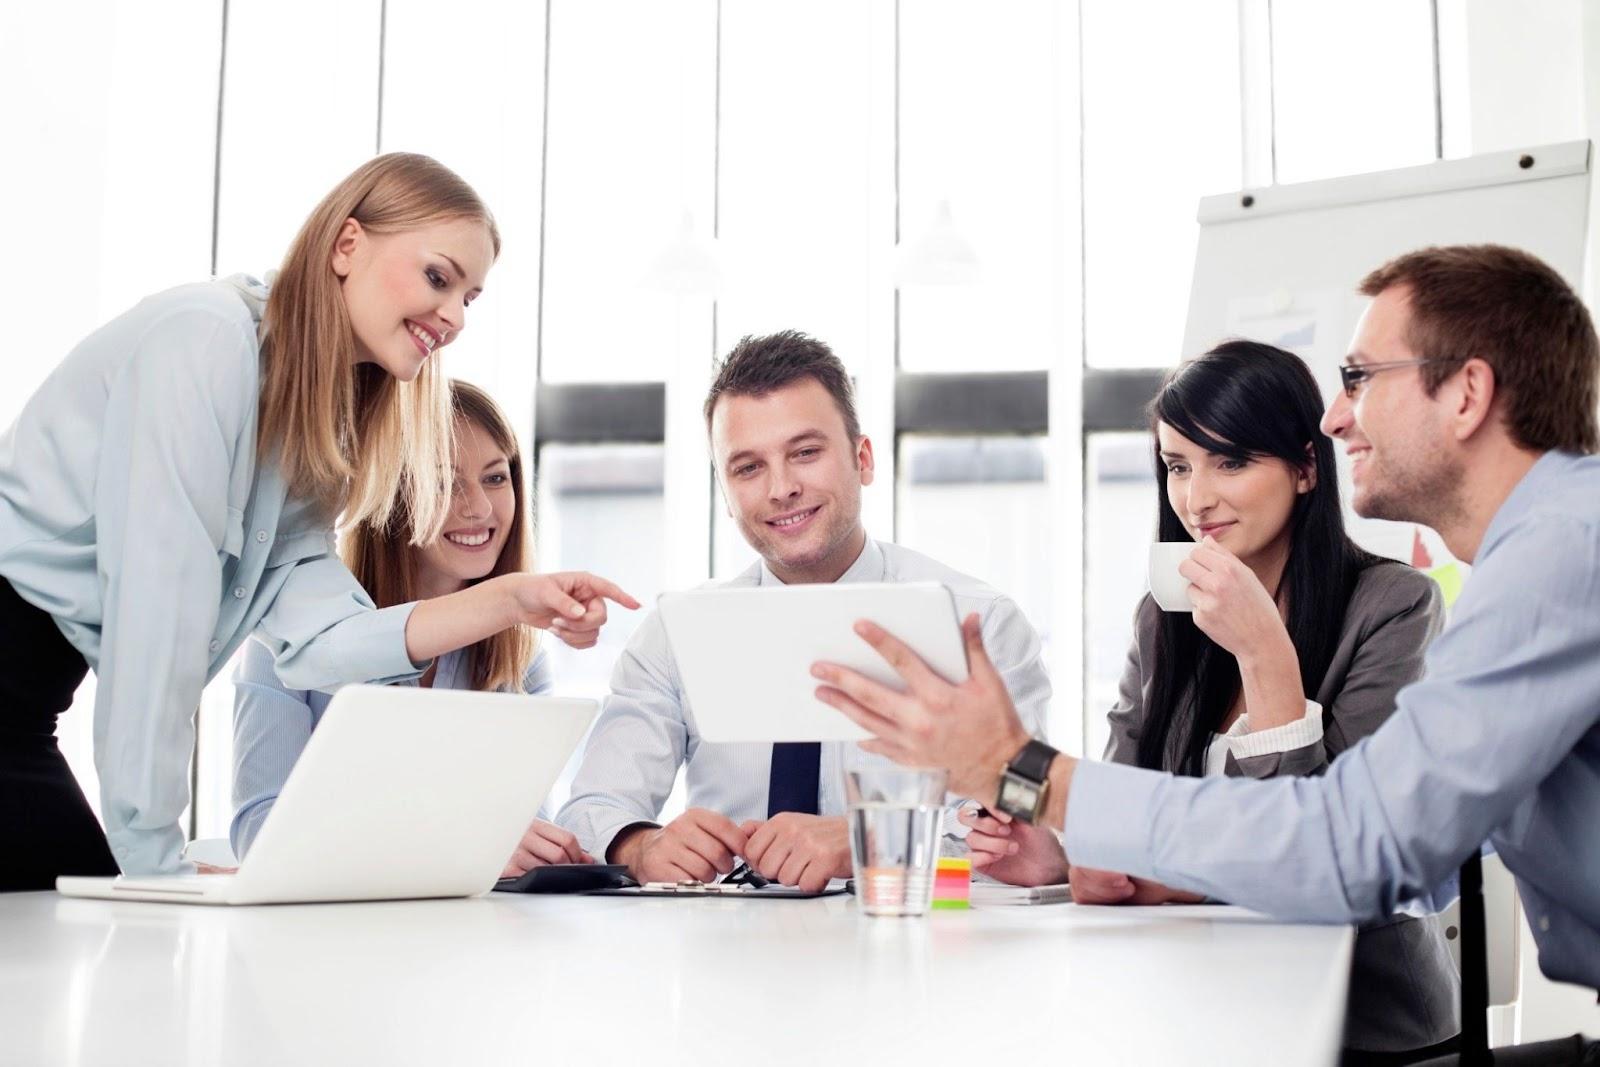 Bảng đánh giá nhân viên gồm những tiêu chí nào